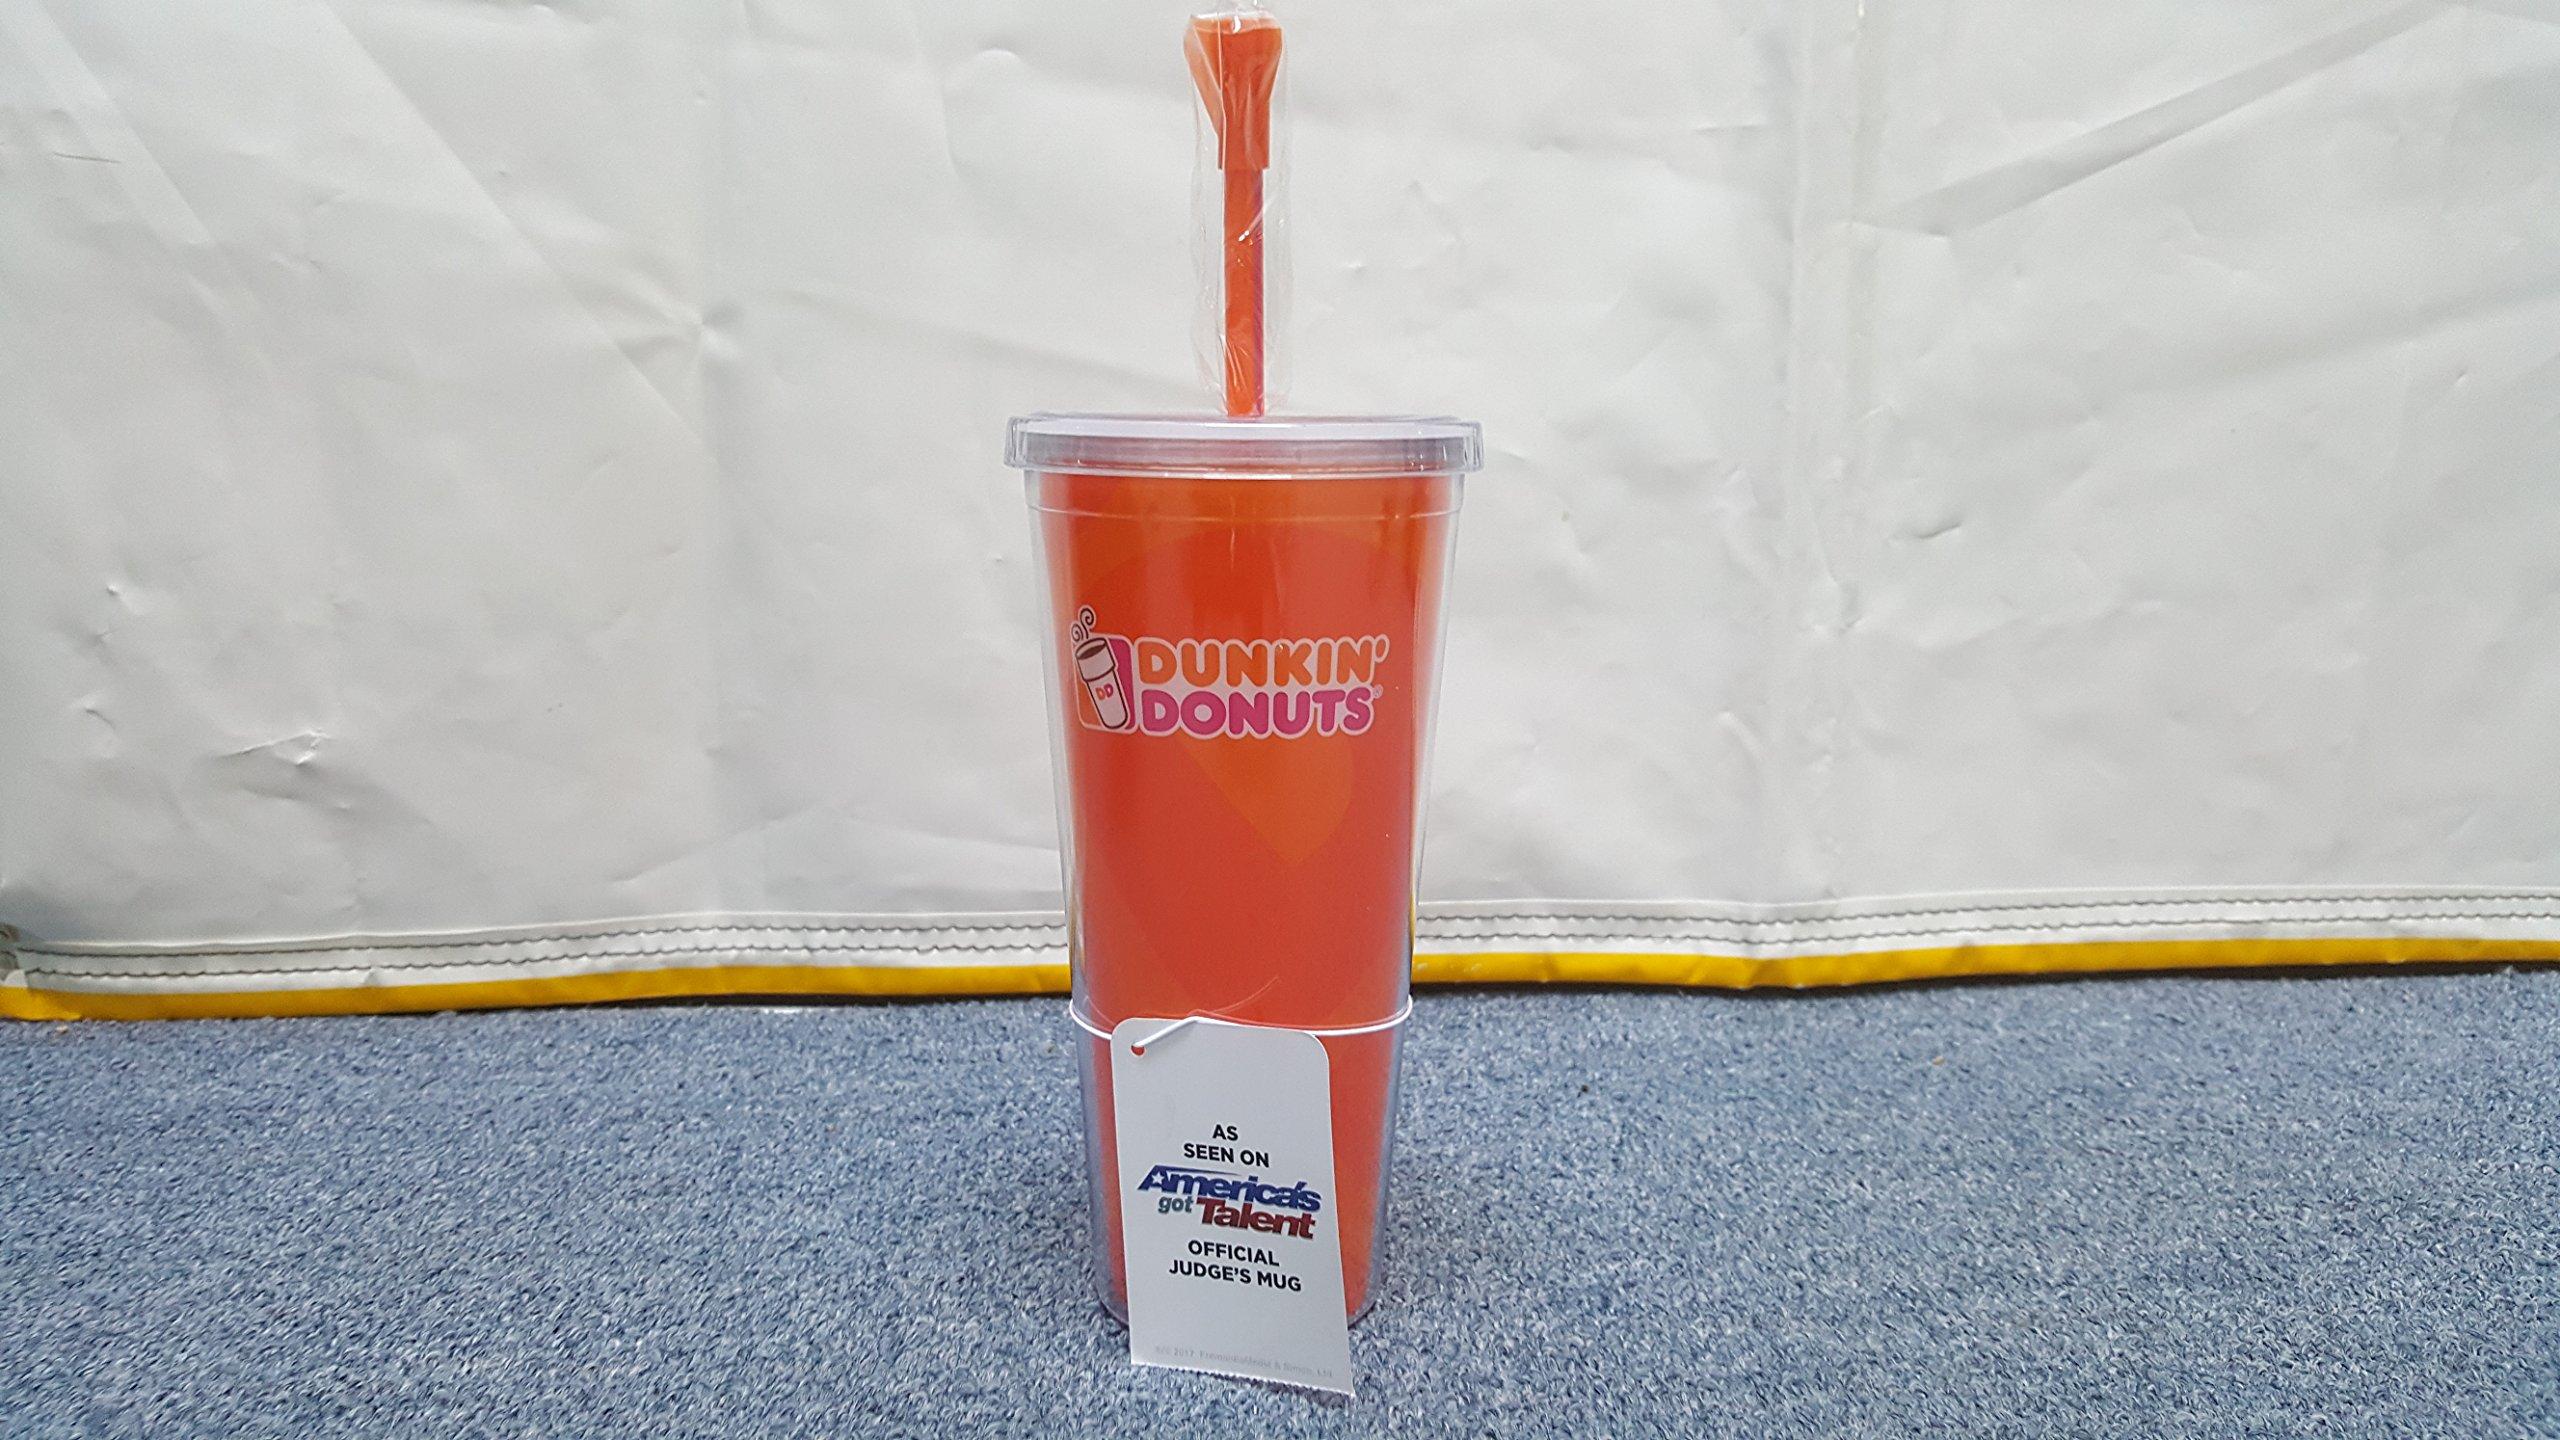 Dunkin Donuts Americas Got Talent Official Judges Mug Tumbler (Orange)